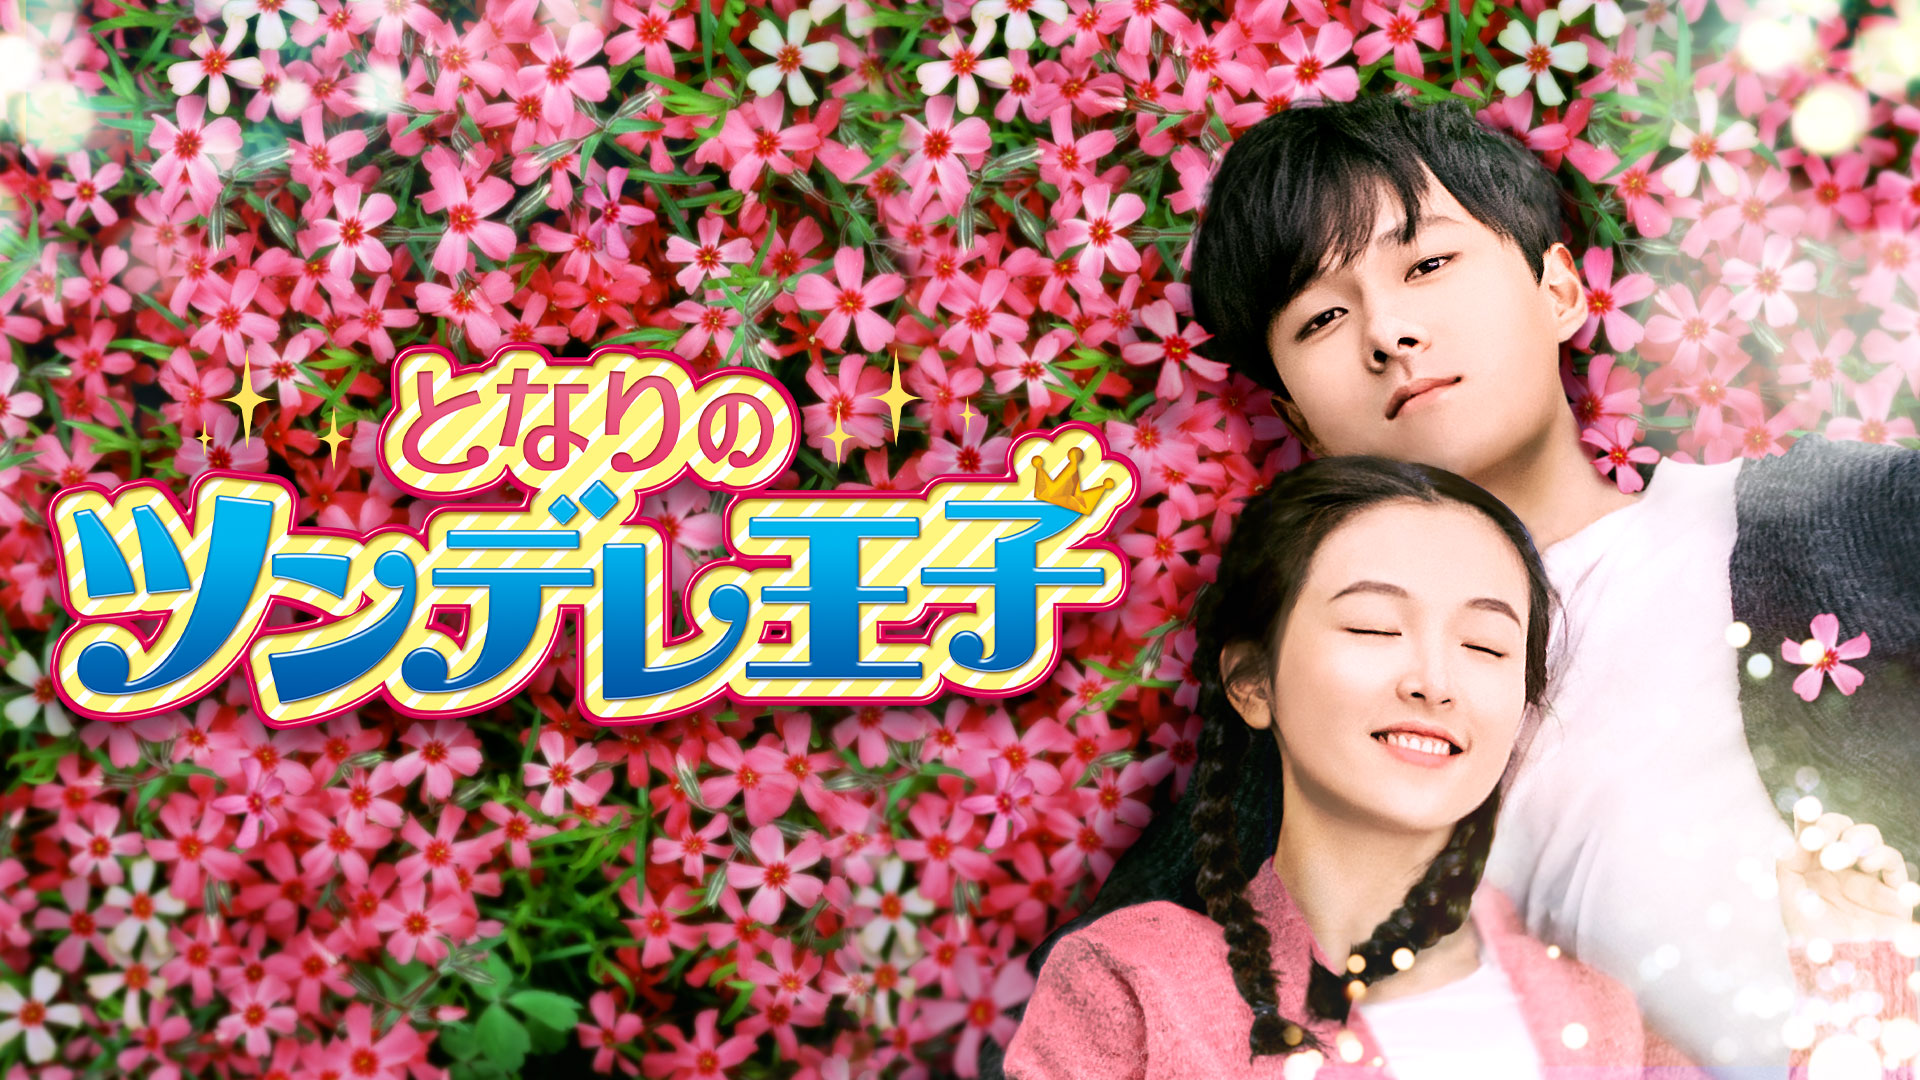 中国ドラマ<br> 「となりのツンデレ王子」